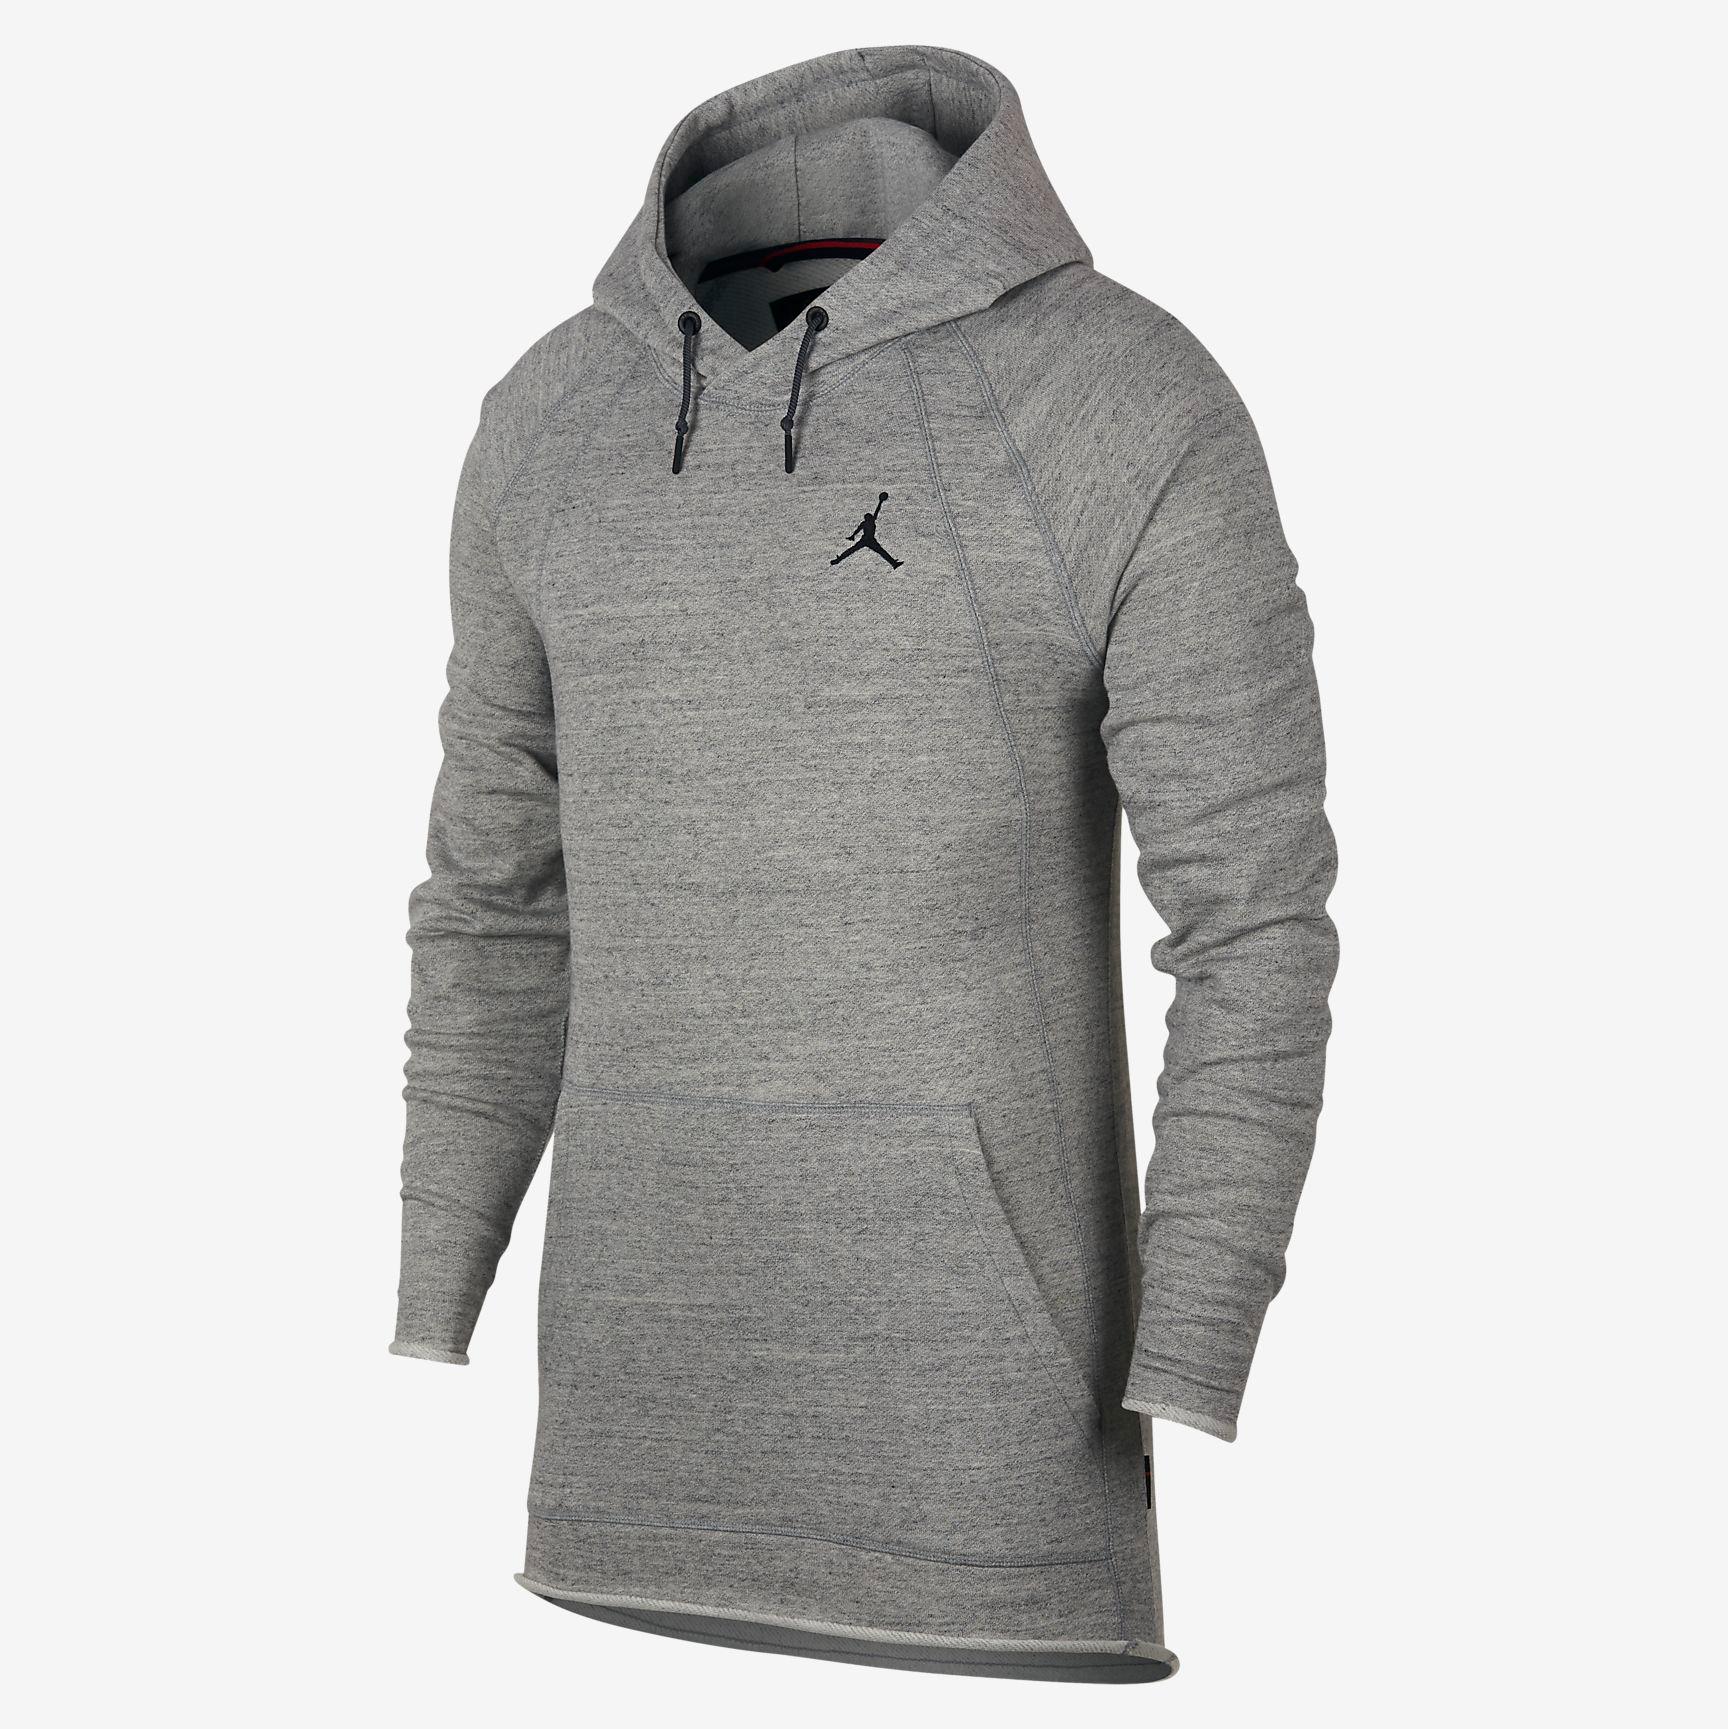 jordan-1-shadow-hoodie-match-1